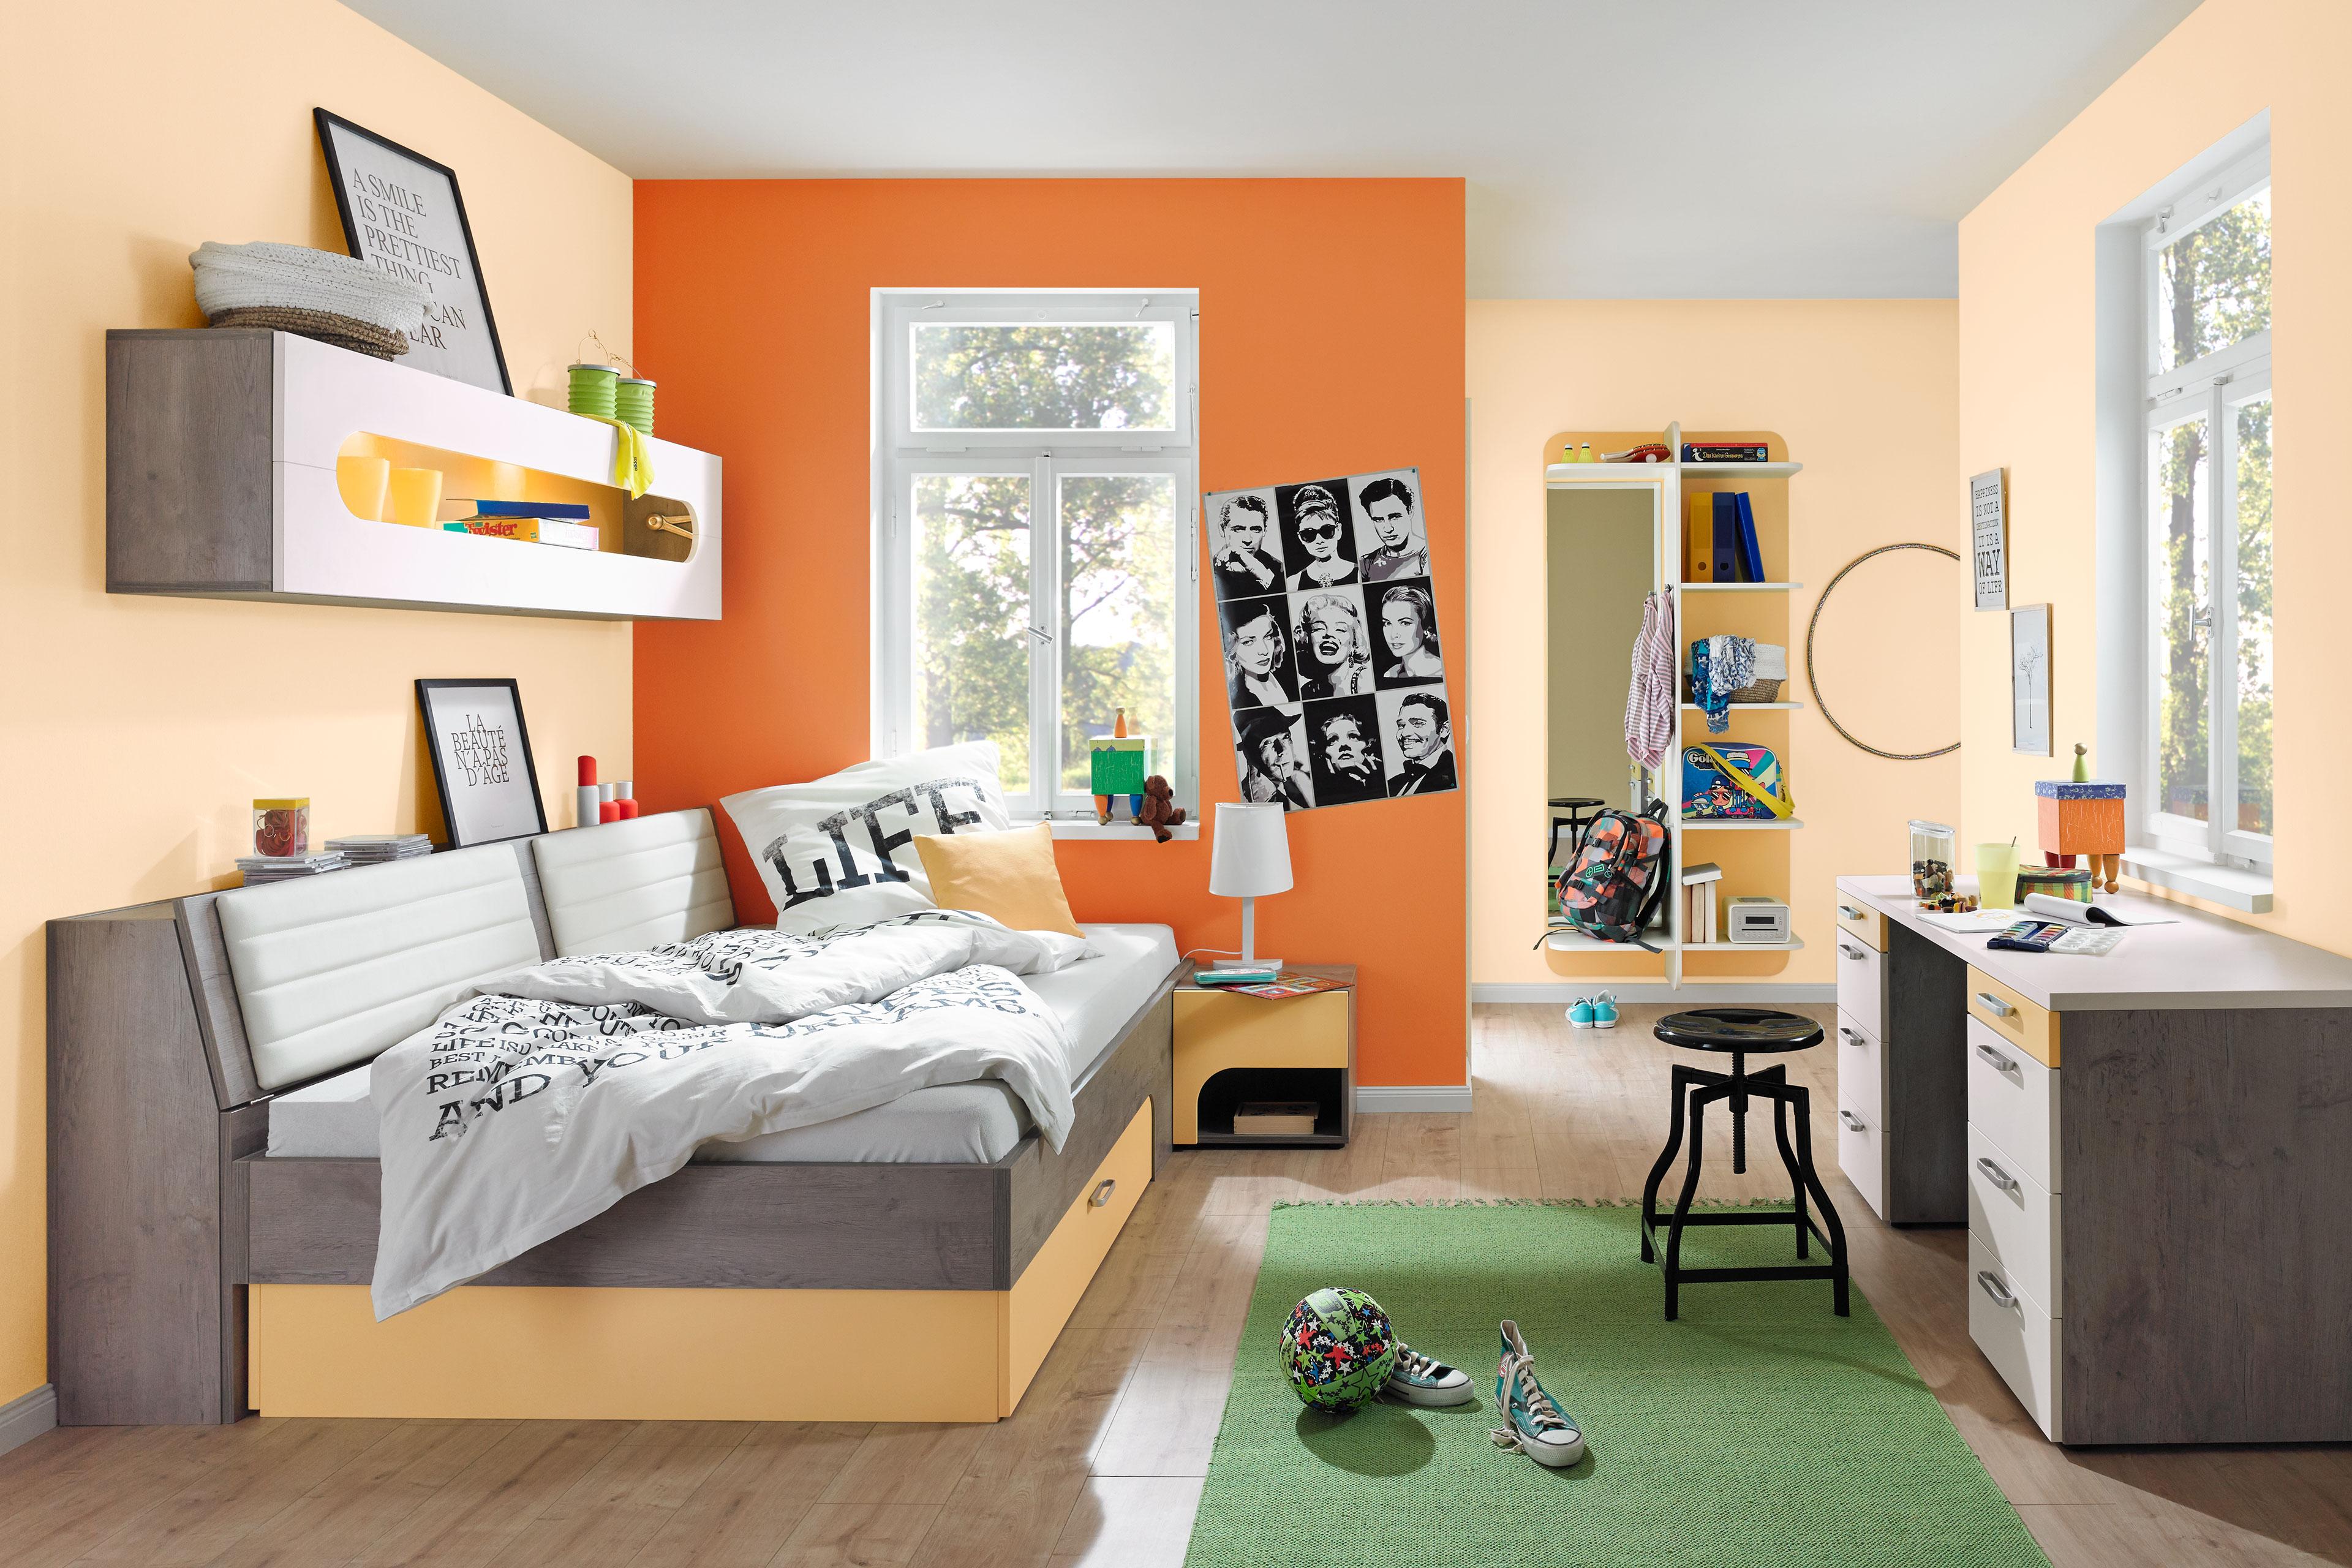 rudolf max i liege steineiche quitte m bel letz ihr. Black Bedroom Furniture Sets. Home Design Ideas